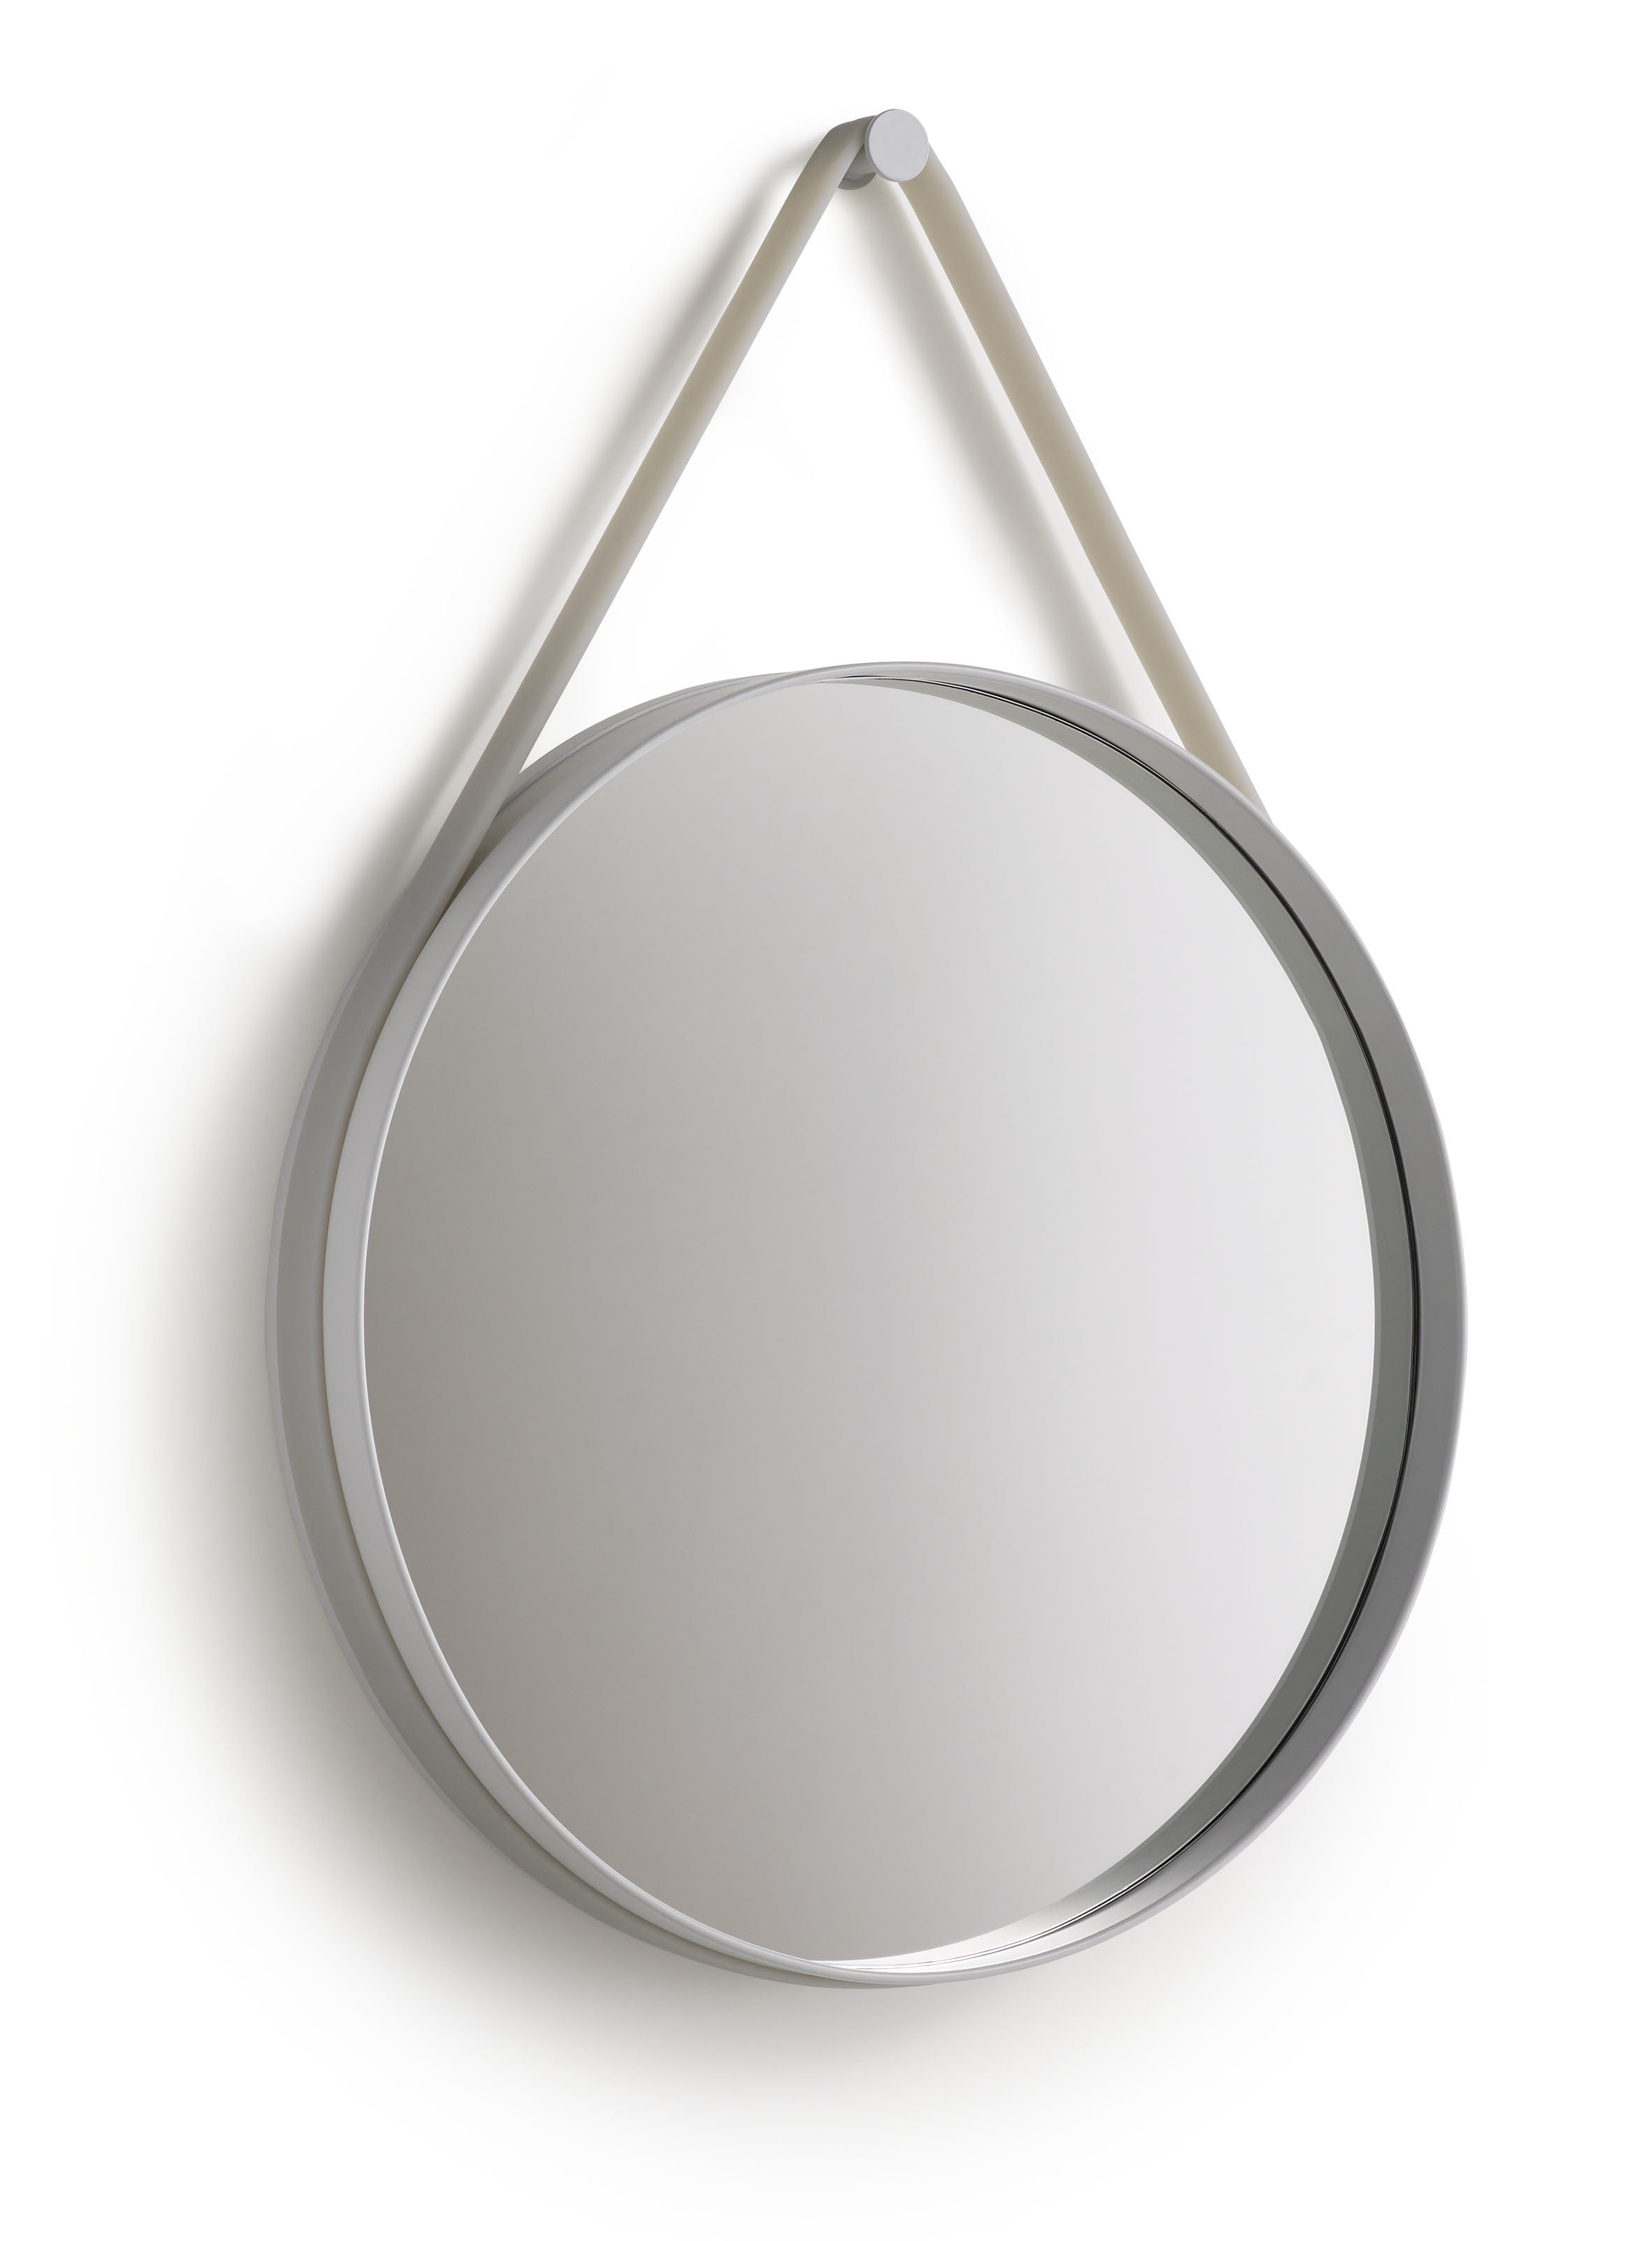 HAY - Spiegel Strap - grijs - Ø 70 cm - 3